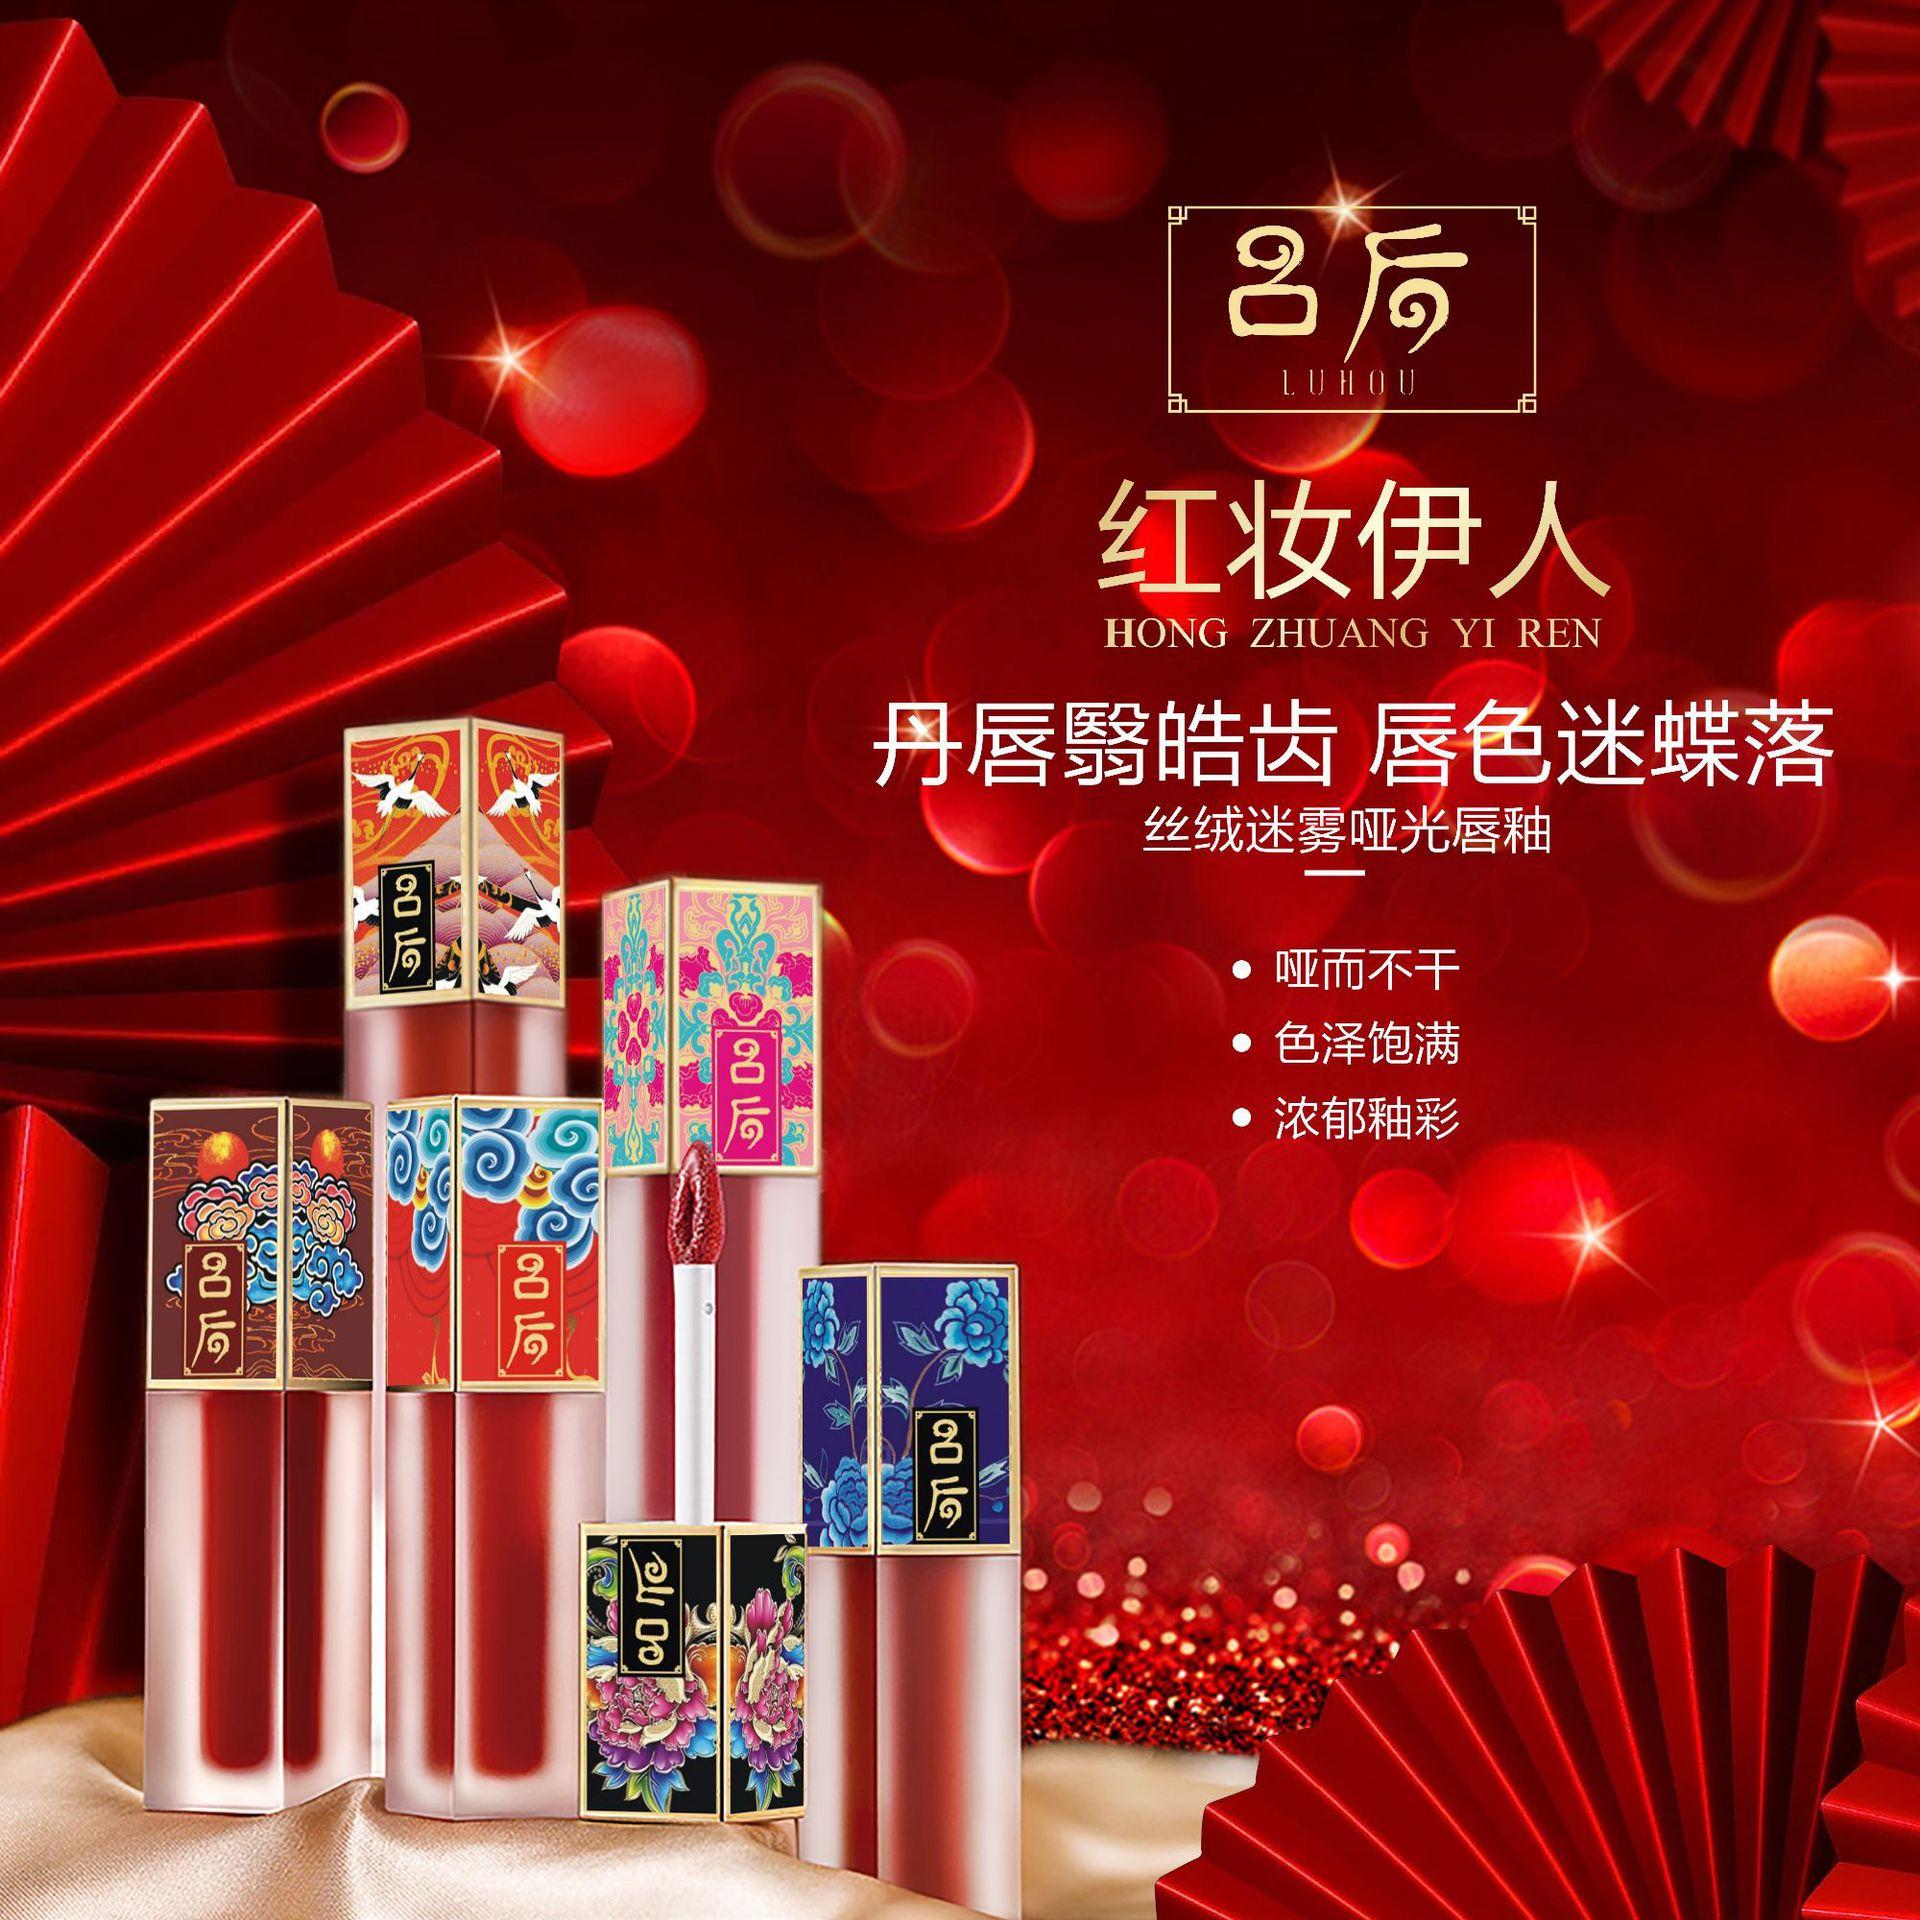 中国故宫风唇釉礼盒套装非美国法国品牌女学生款平价小众口红古风